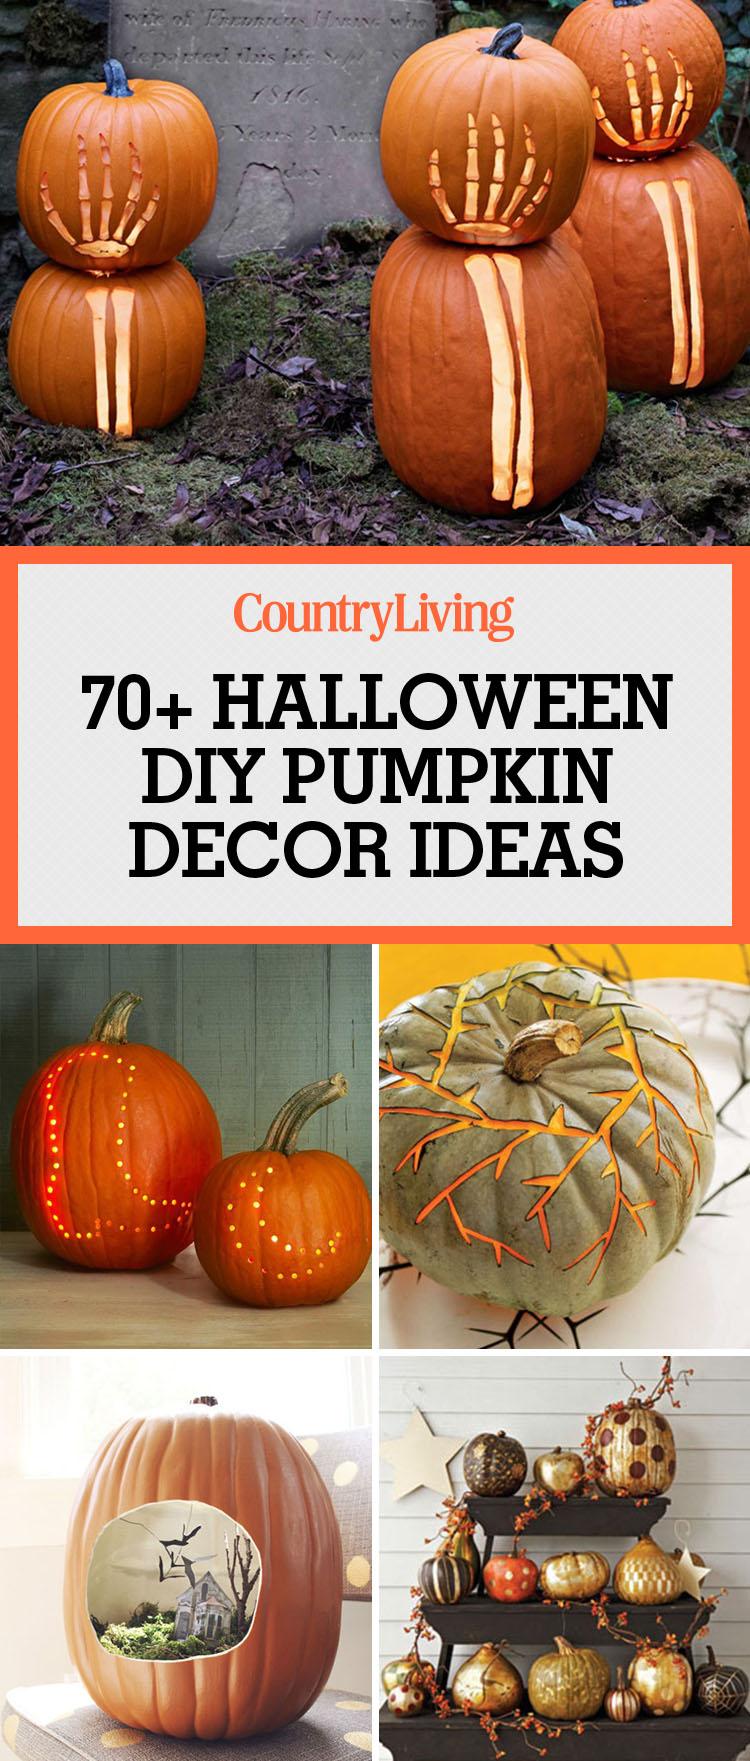 83 Cool Pumpkin Decorating Ideas Easy Halloween Pumpkin